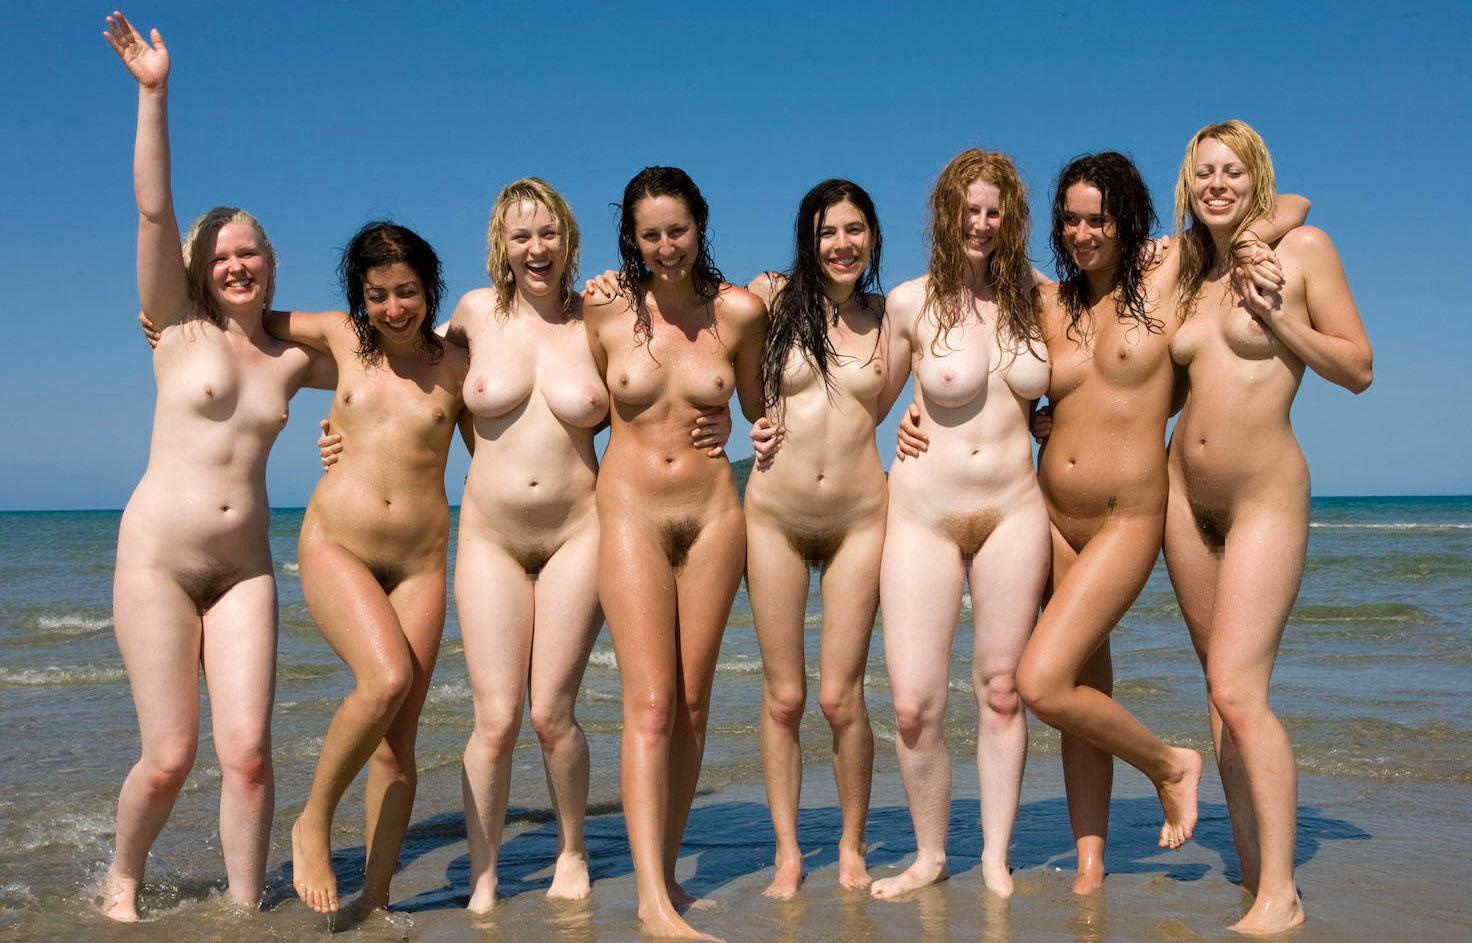 【外人】全裸でお構いなしに記念撮影しちゃう素人美女の露出ポルノ画像 632